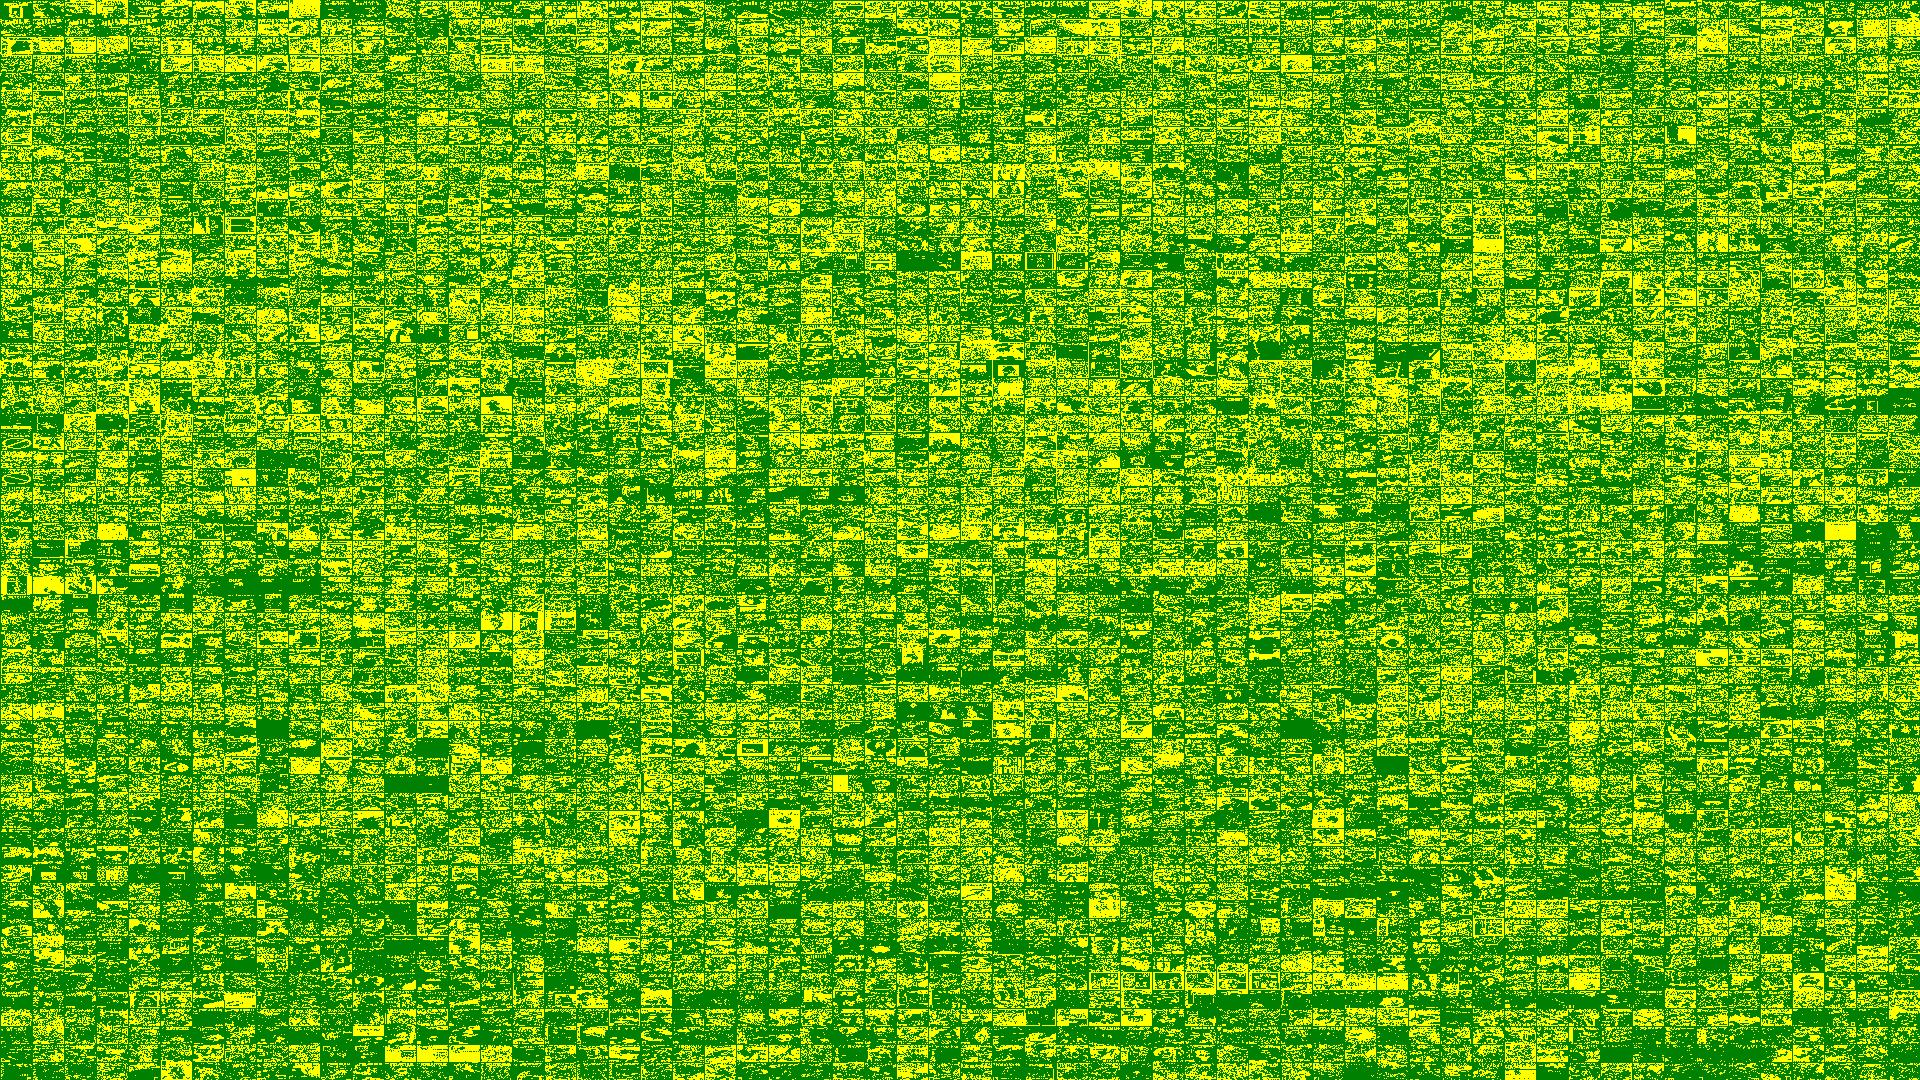 wallpaper saint 1920x1080 1920x1080